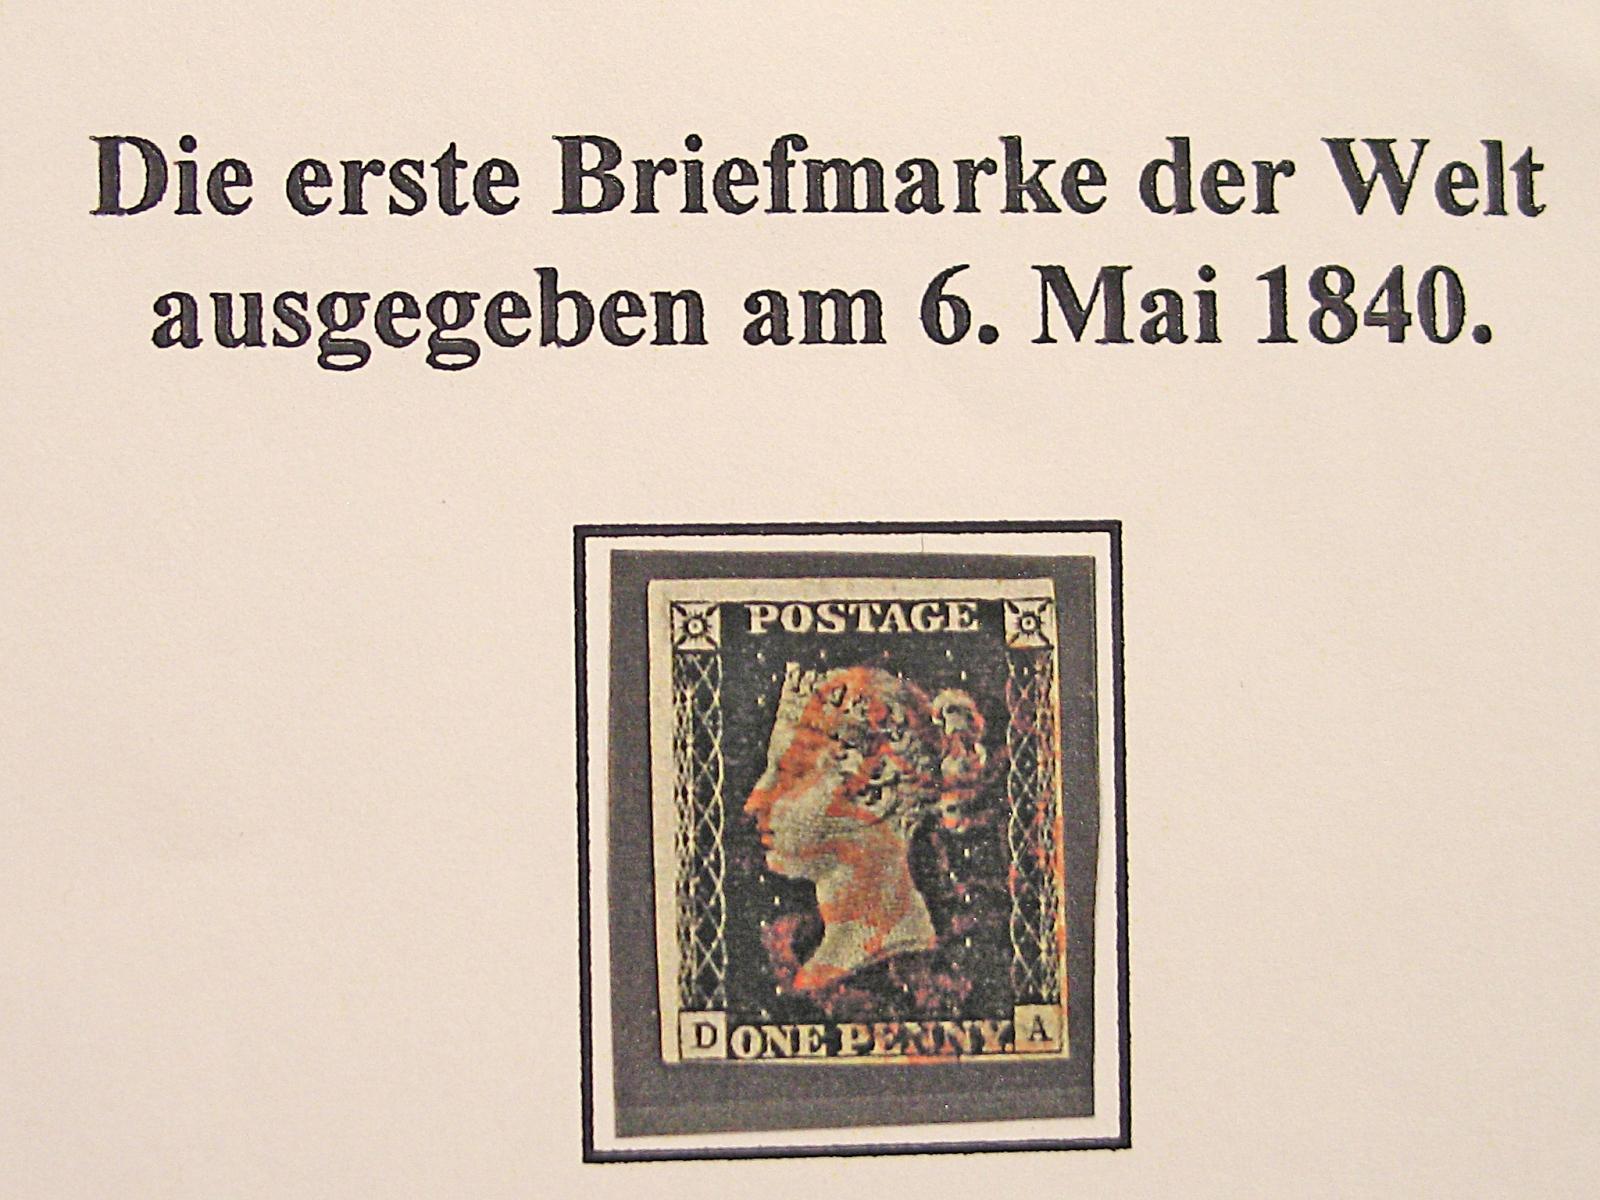 Die erste Briefmarke der Welt